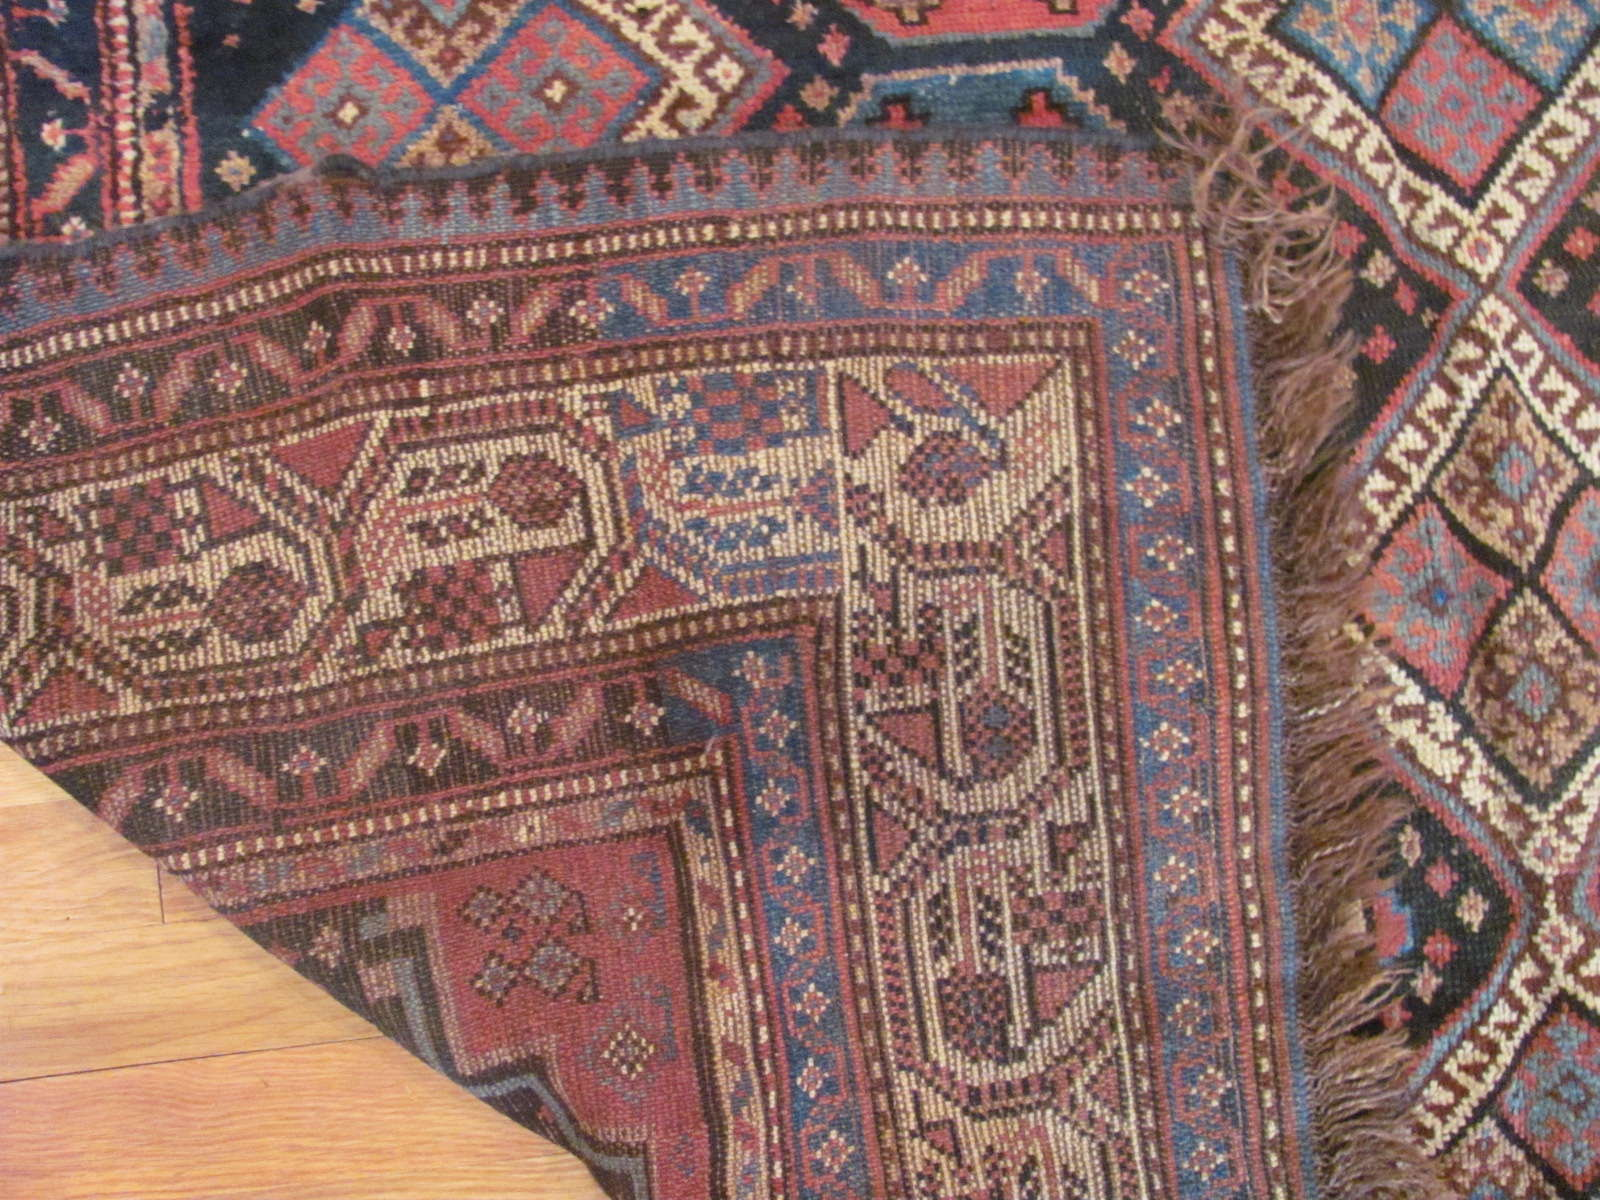 24445 antique persian luri rug 5,11x10,1 -3